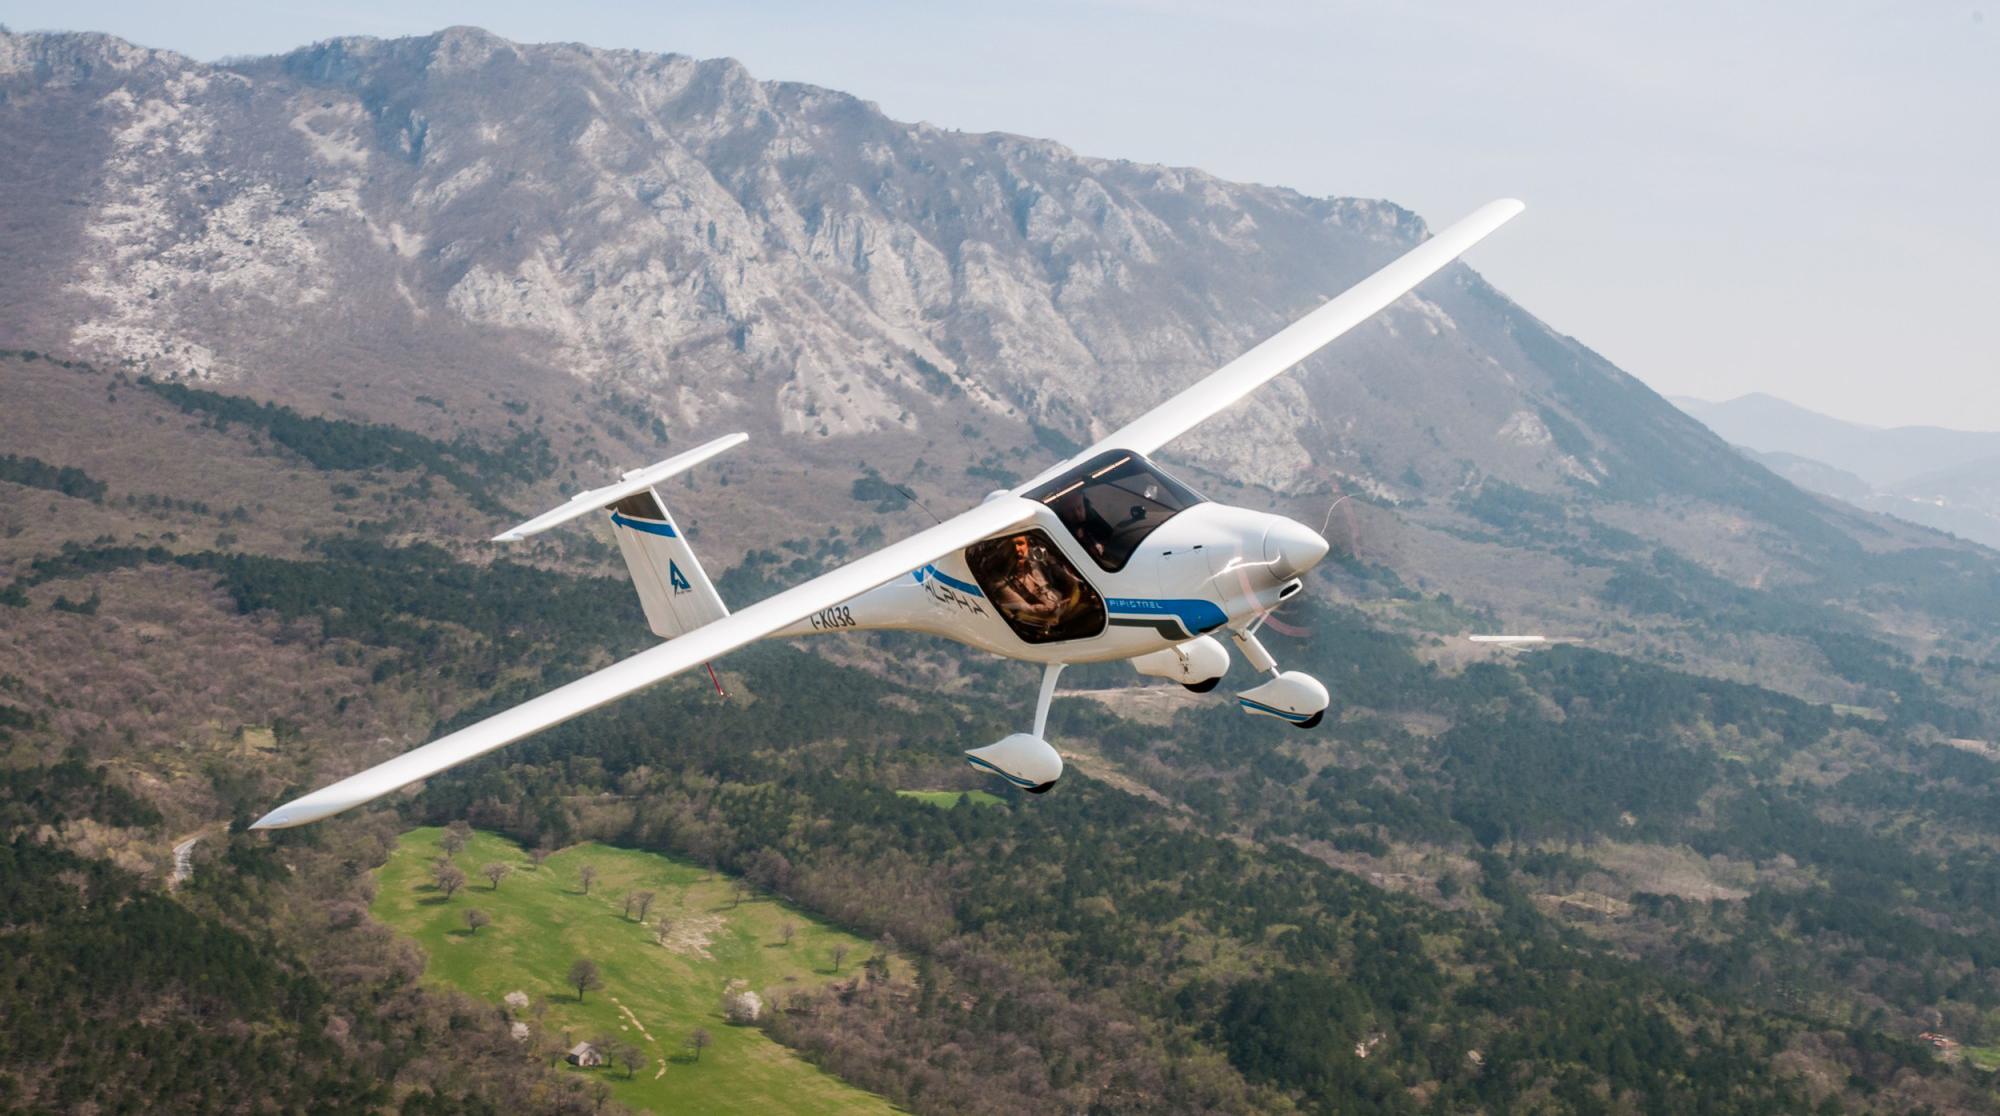 Nowy samolot wyposażony w silnik elektryczny